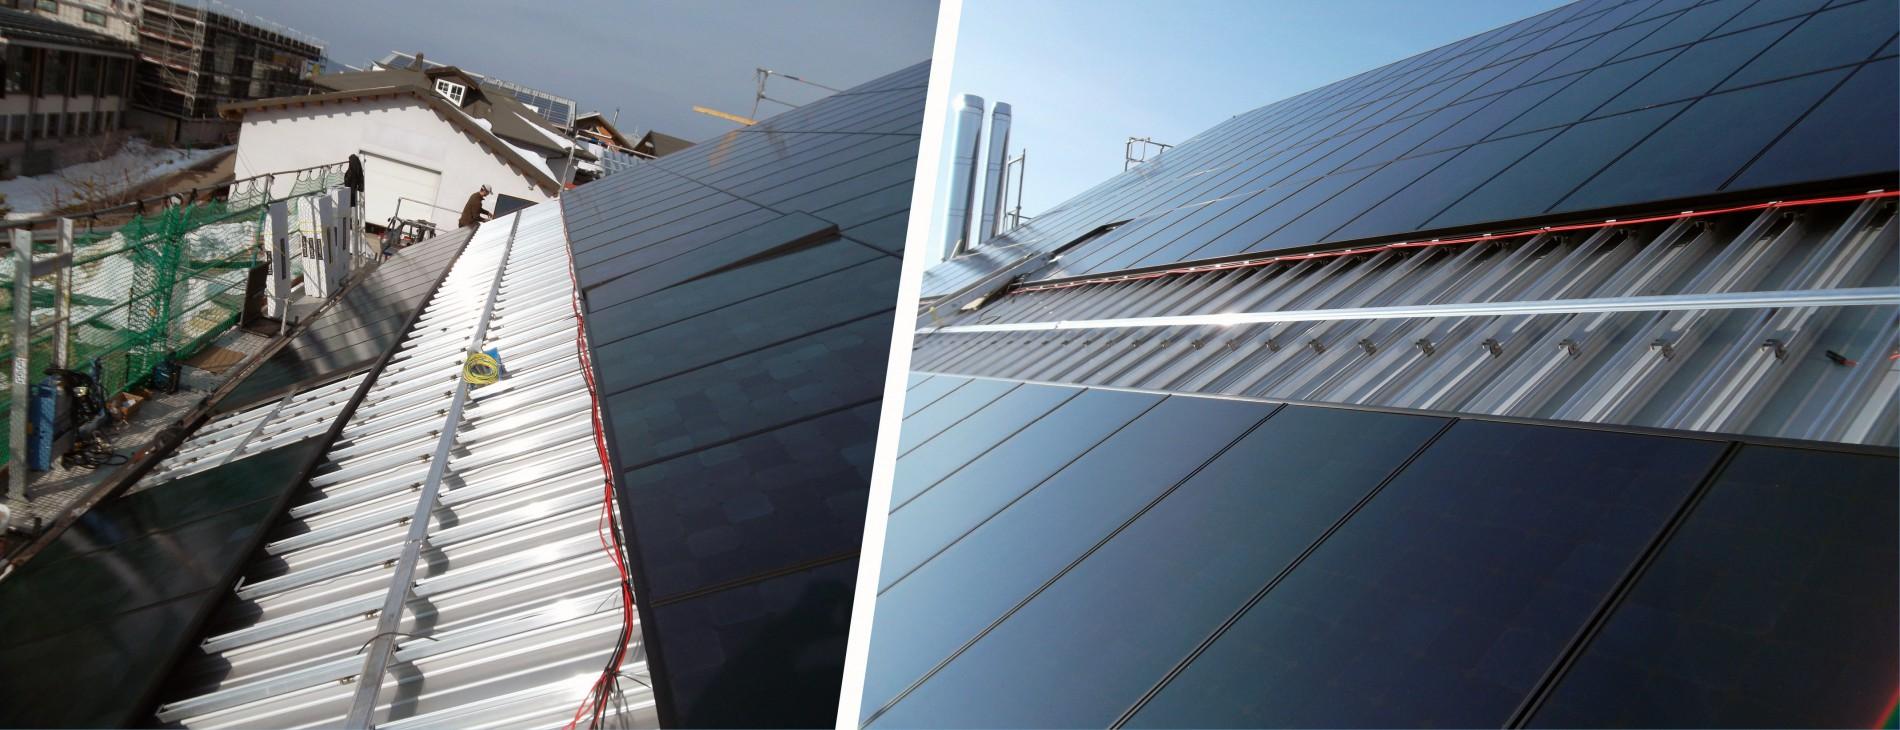 Dach-Energie